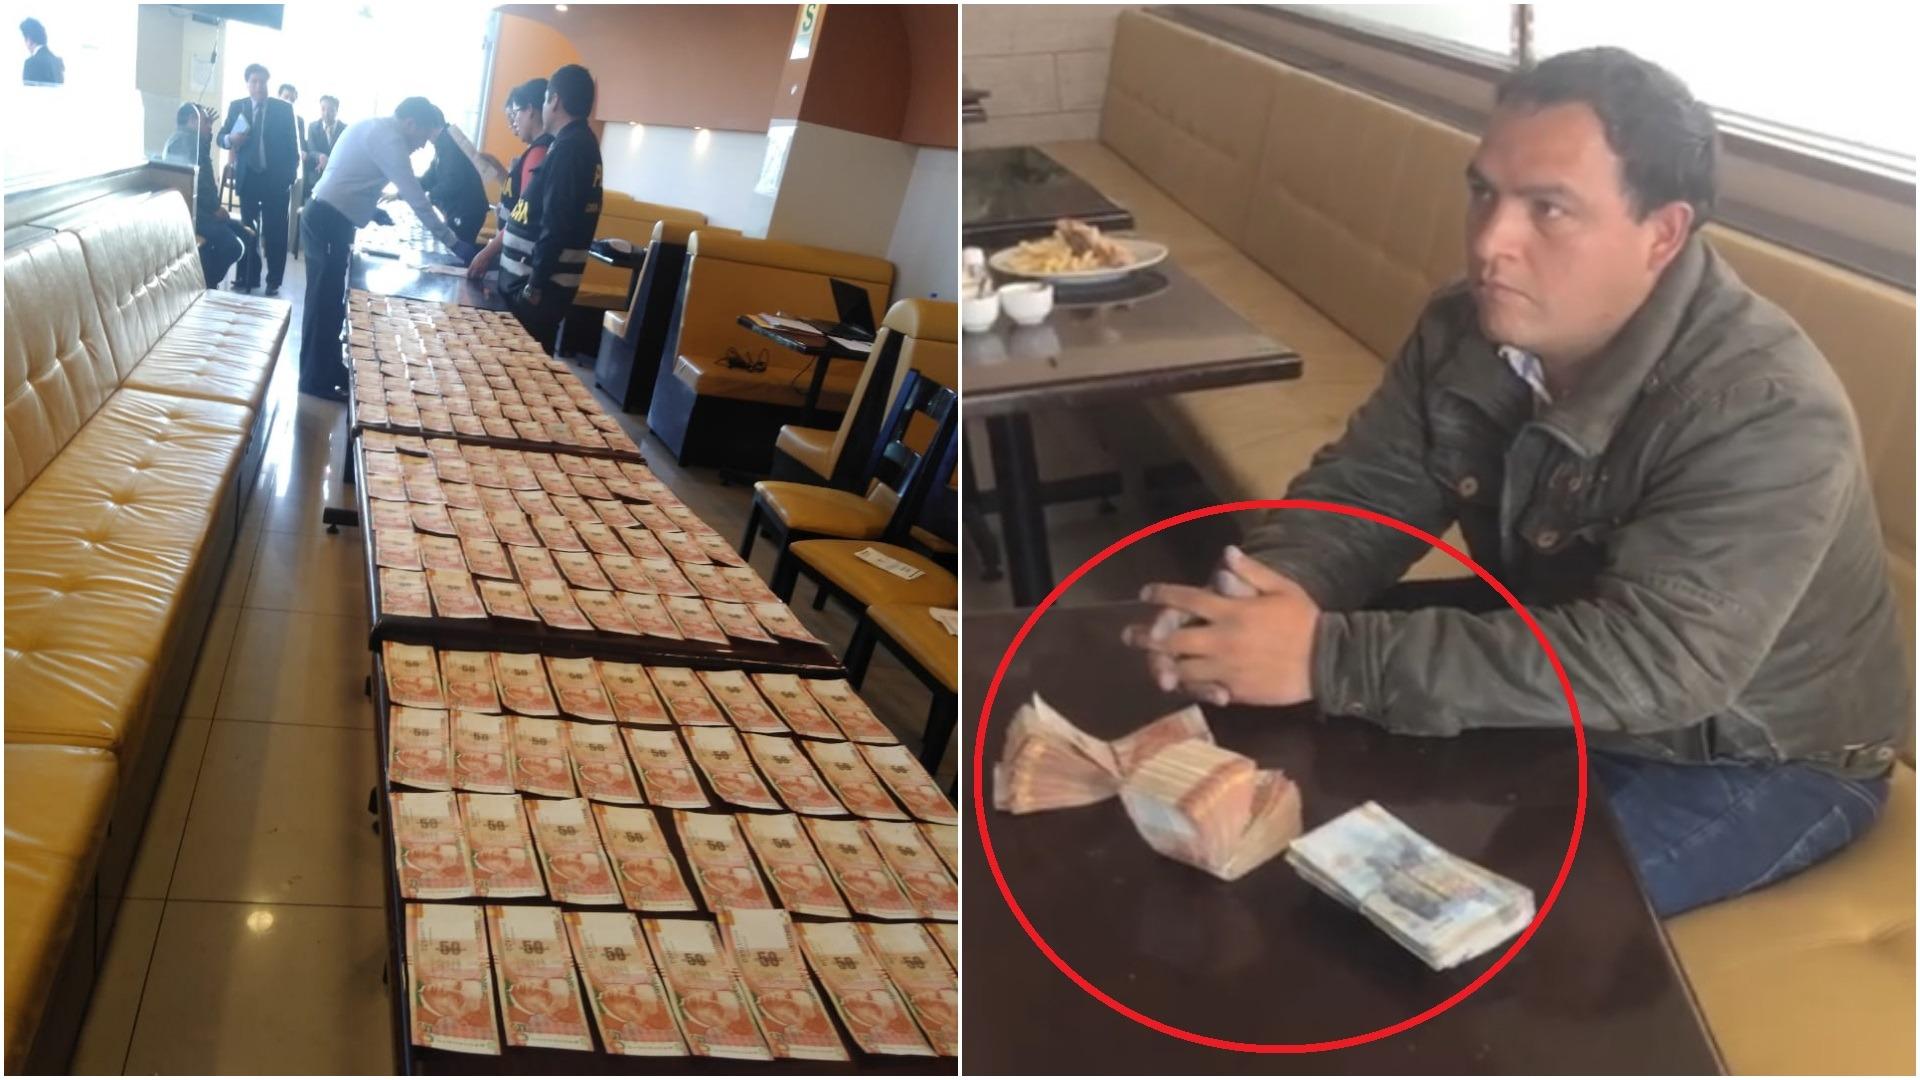 Sujeto detenido con coima de S/ 30,000 soles